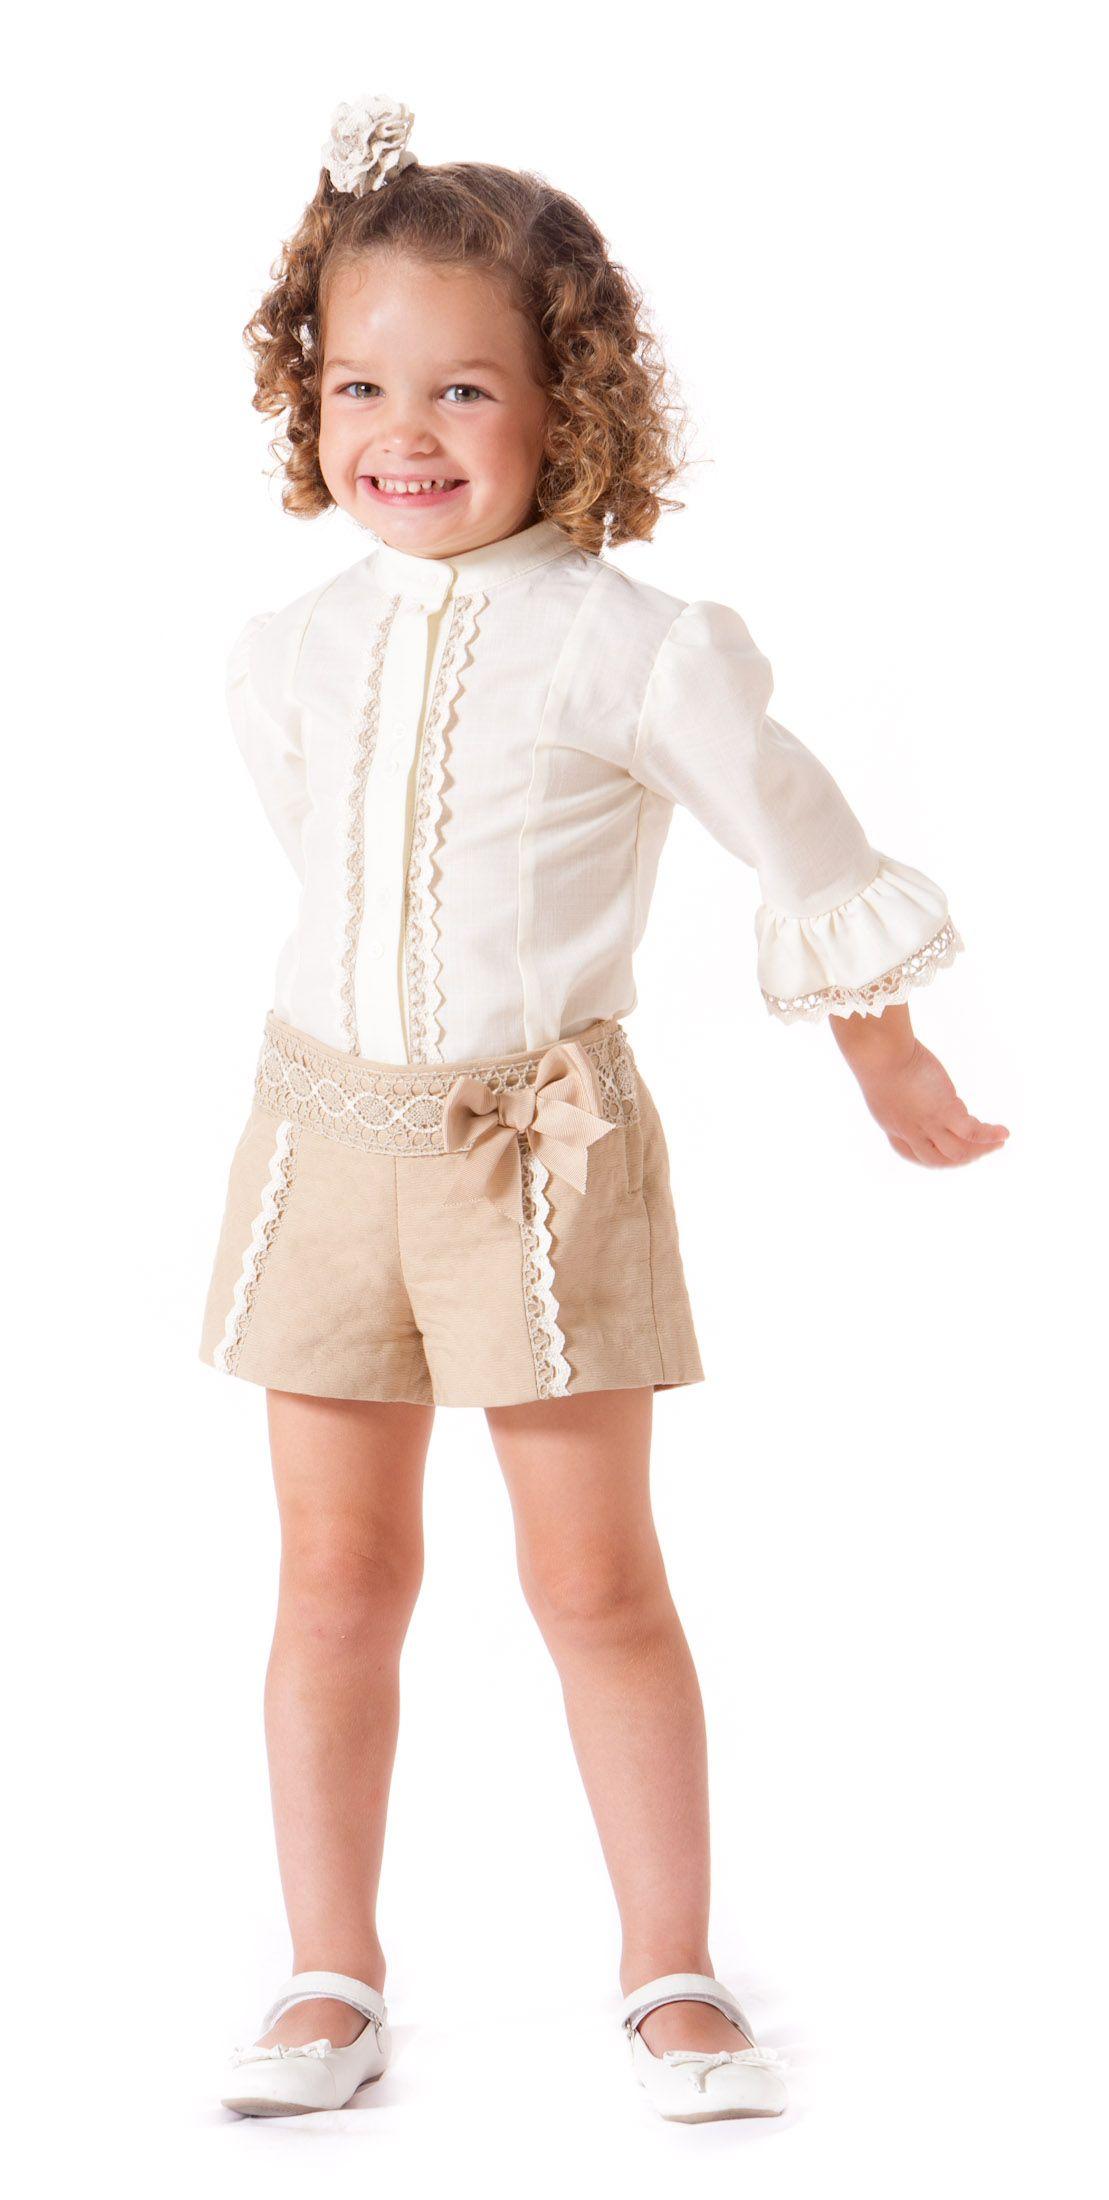 ropa para bebÉs y niÑos ropa de niÑos y niÑas en perÚ, moda infantil en lima perÚ, vestido para niÑas, moda para niÑos en lima, moda infantil peruana.